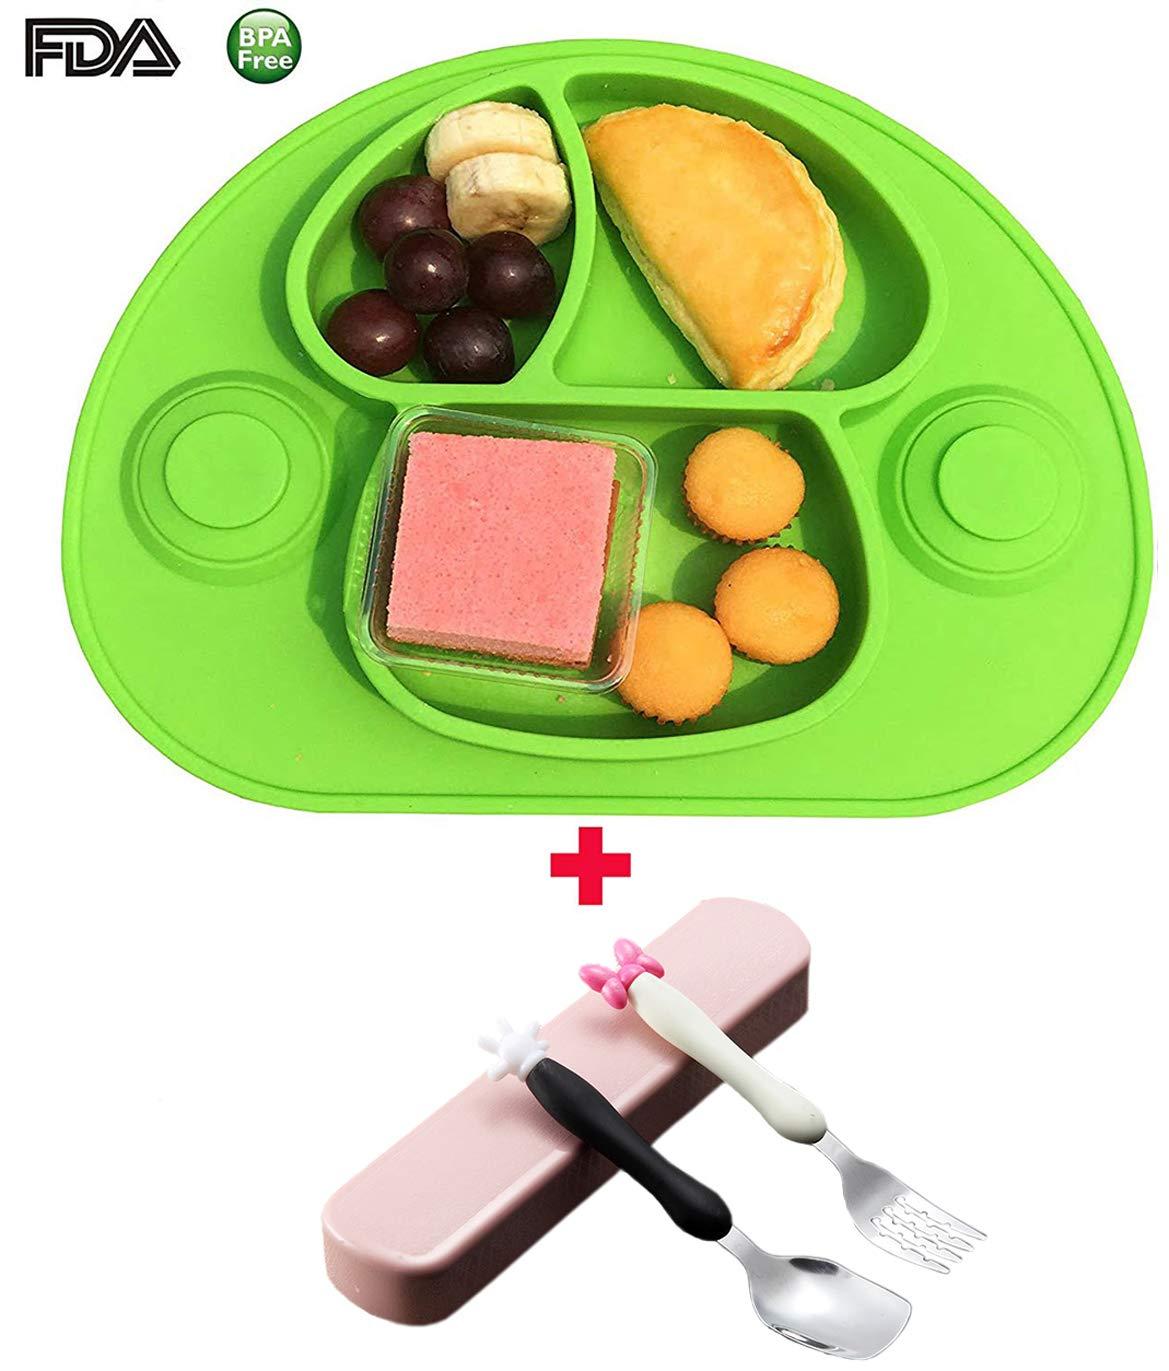 Bebé Niños Mantel Individual Plato de Silicona Con Fuerte Ventosa FDA y Sin BPA-Microonda, con un juego de vajilla(verde) lishens